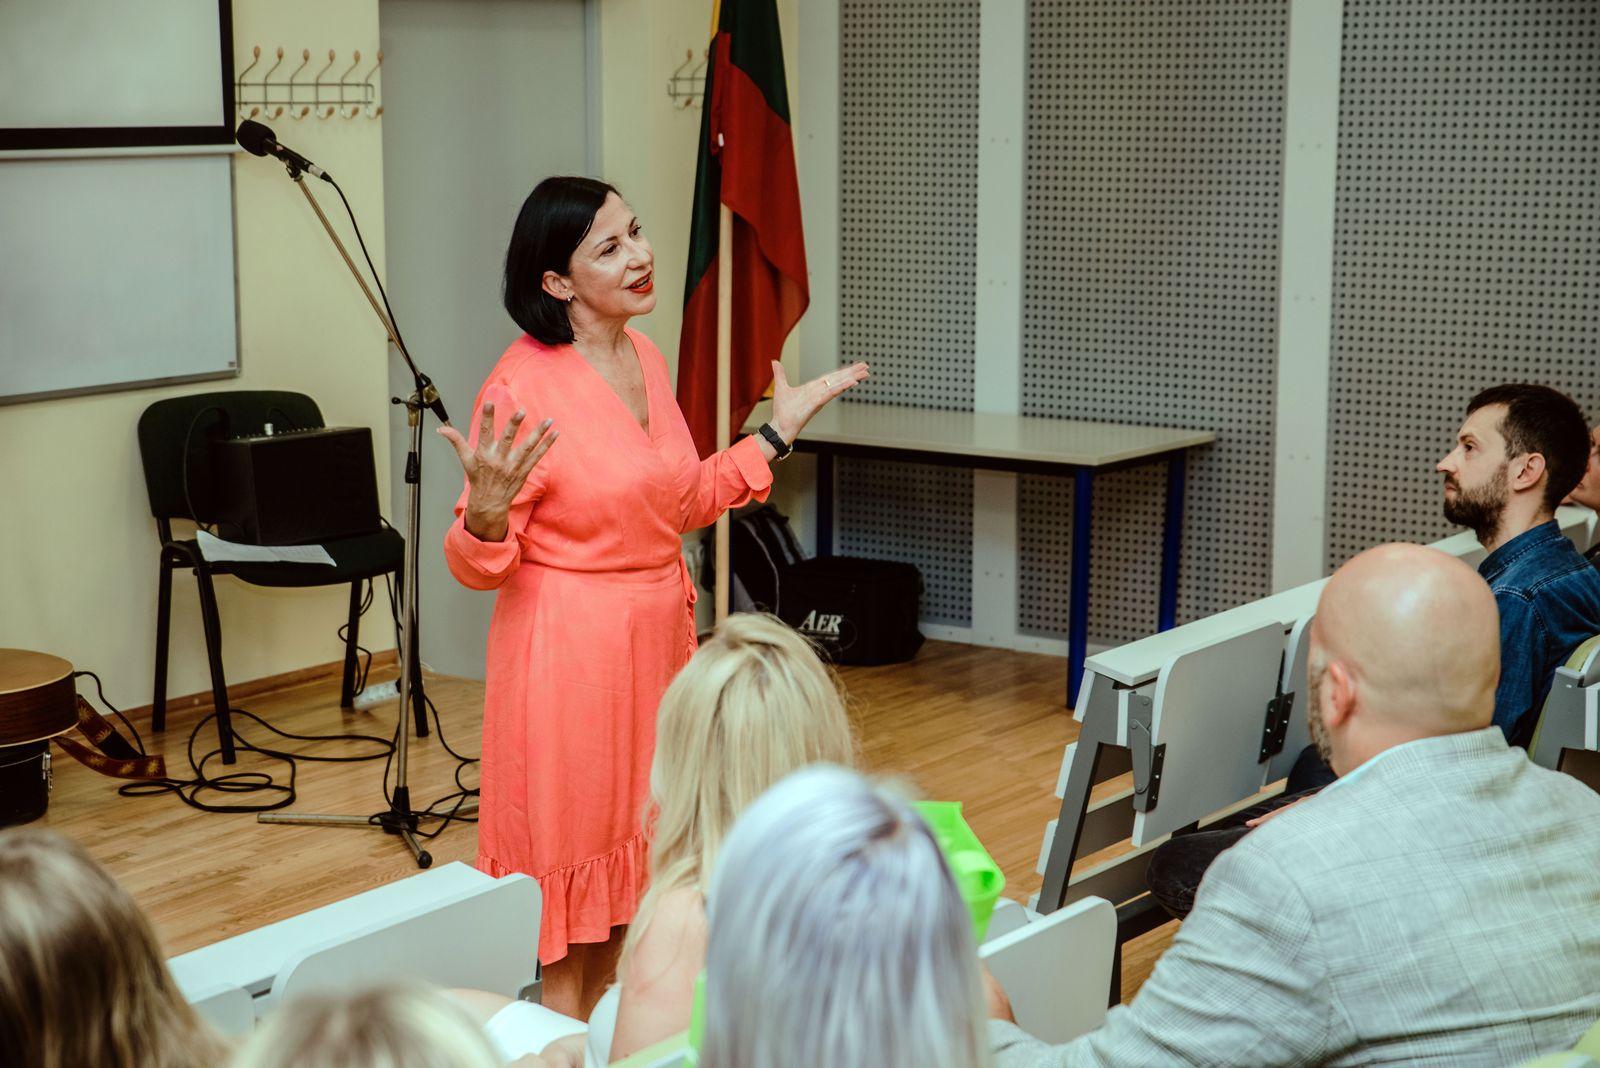 Lietuvių kalbos ir kultūros centro vadovė Vilma Leonavičienė | VDU nuotr.